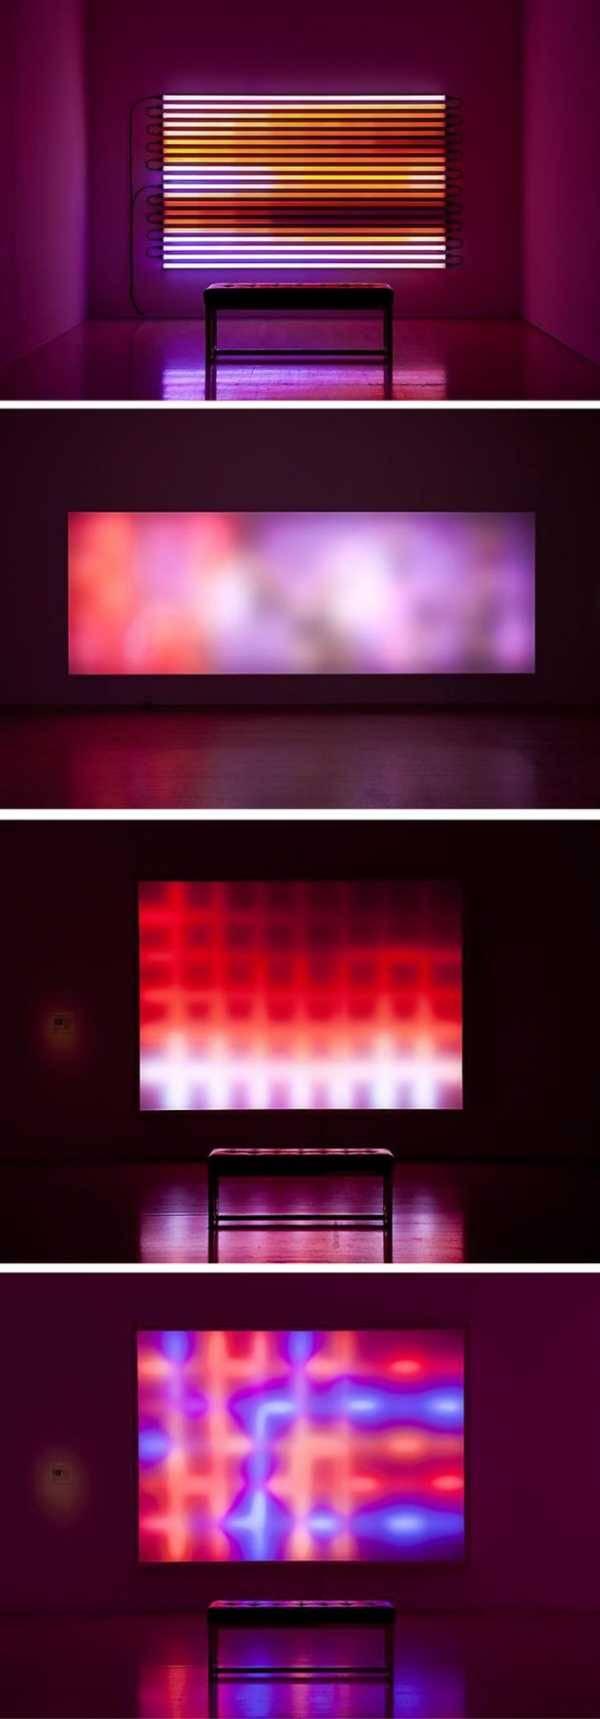 Зеркальное панно (69 фото): изготовление панно из зеркал с фацетом на стену, панно в интерьере прихожей, спальни и гостиной